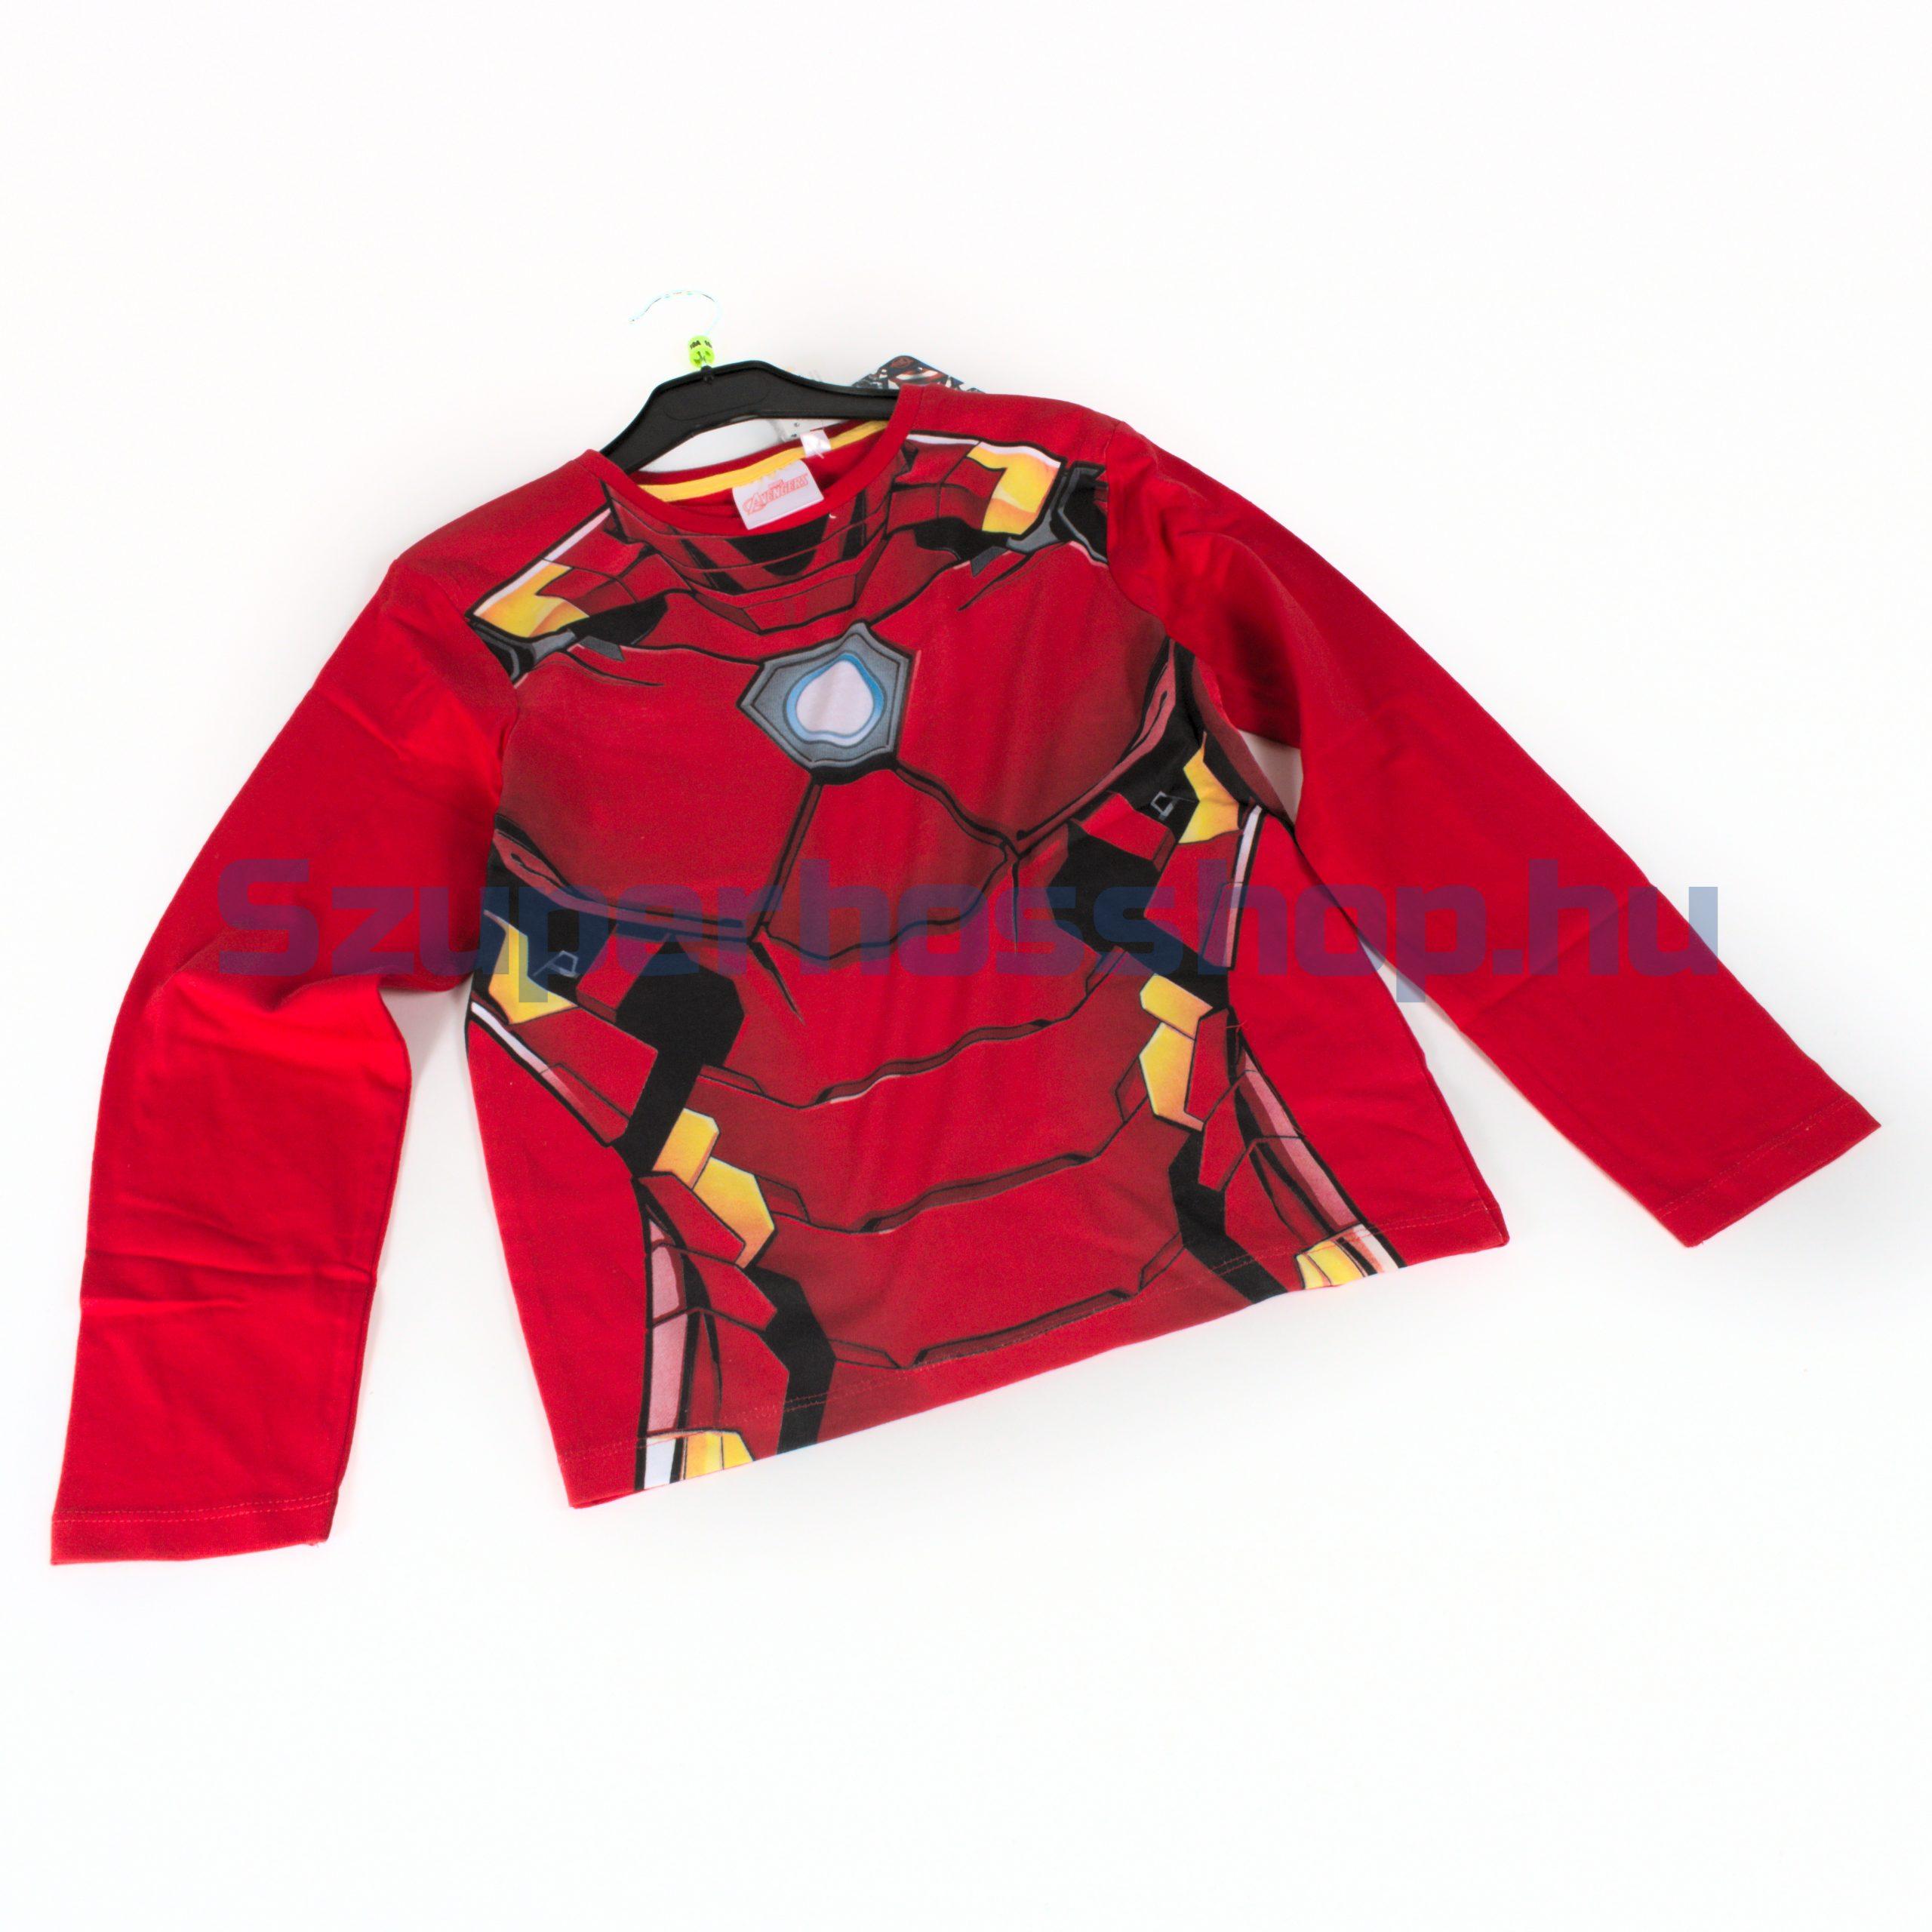 Bosszúállók póló (Avengers)